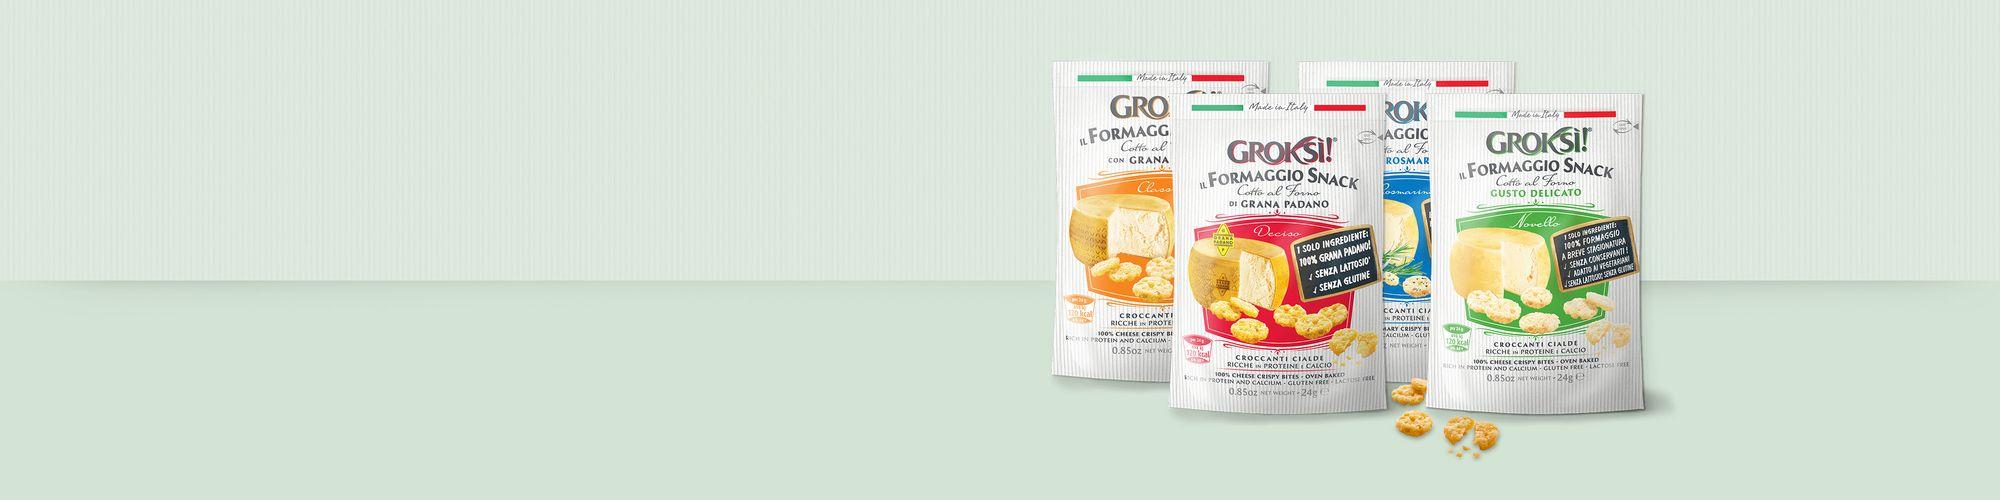 Skvělý sýrový snack k telce i na cesty